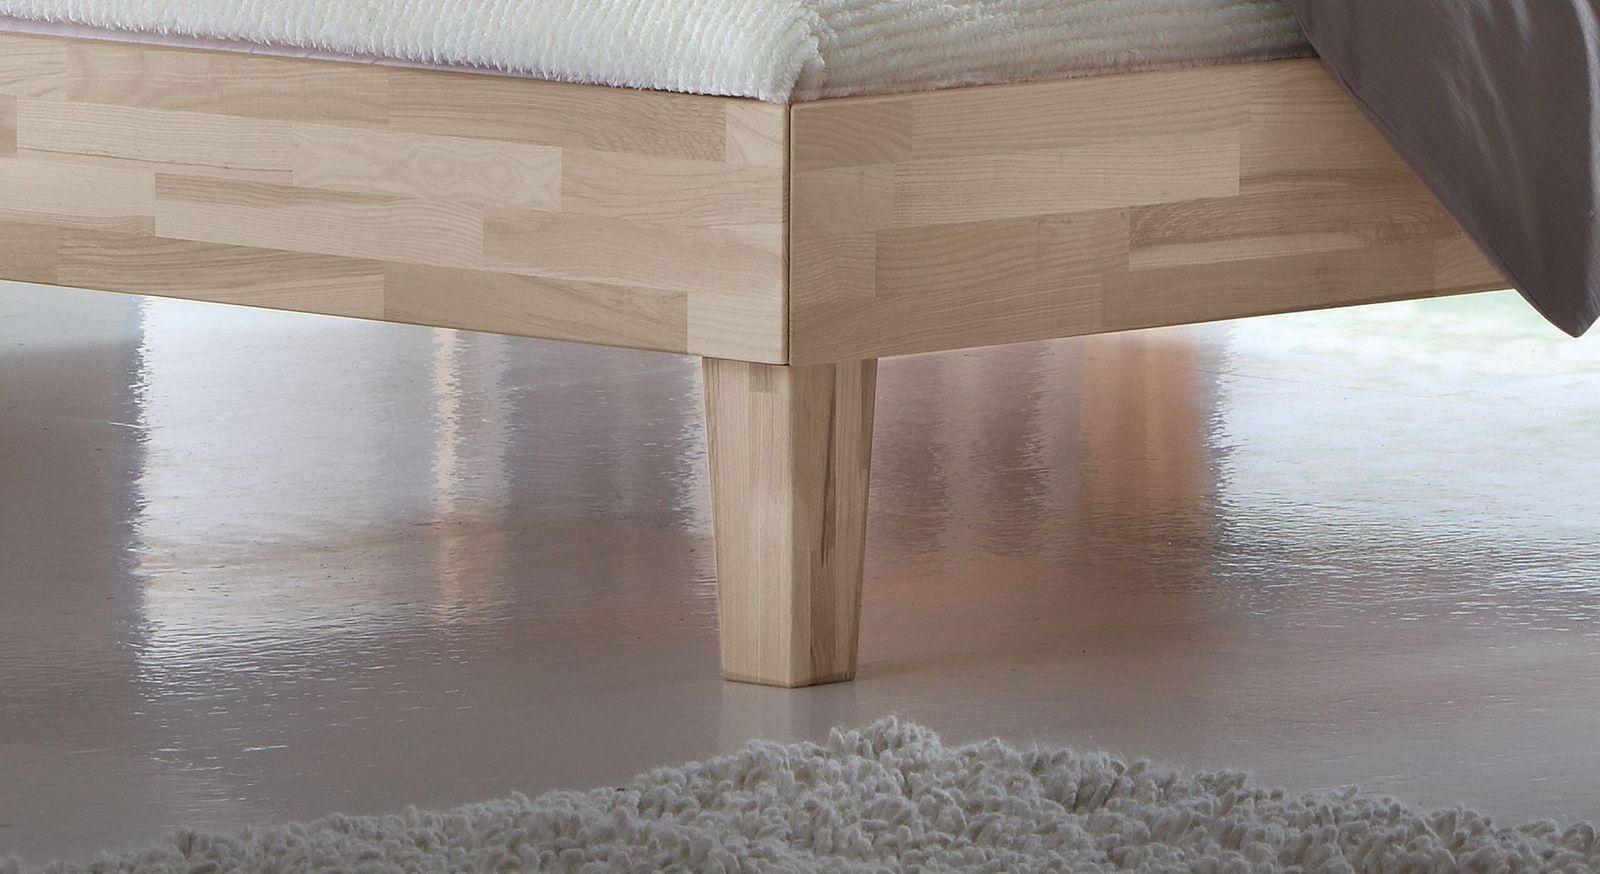 Bett in 160x220 cm Größe und optionalem Bettkasten - Sunrise